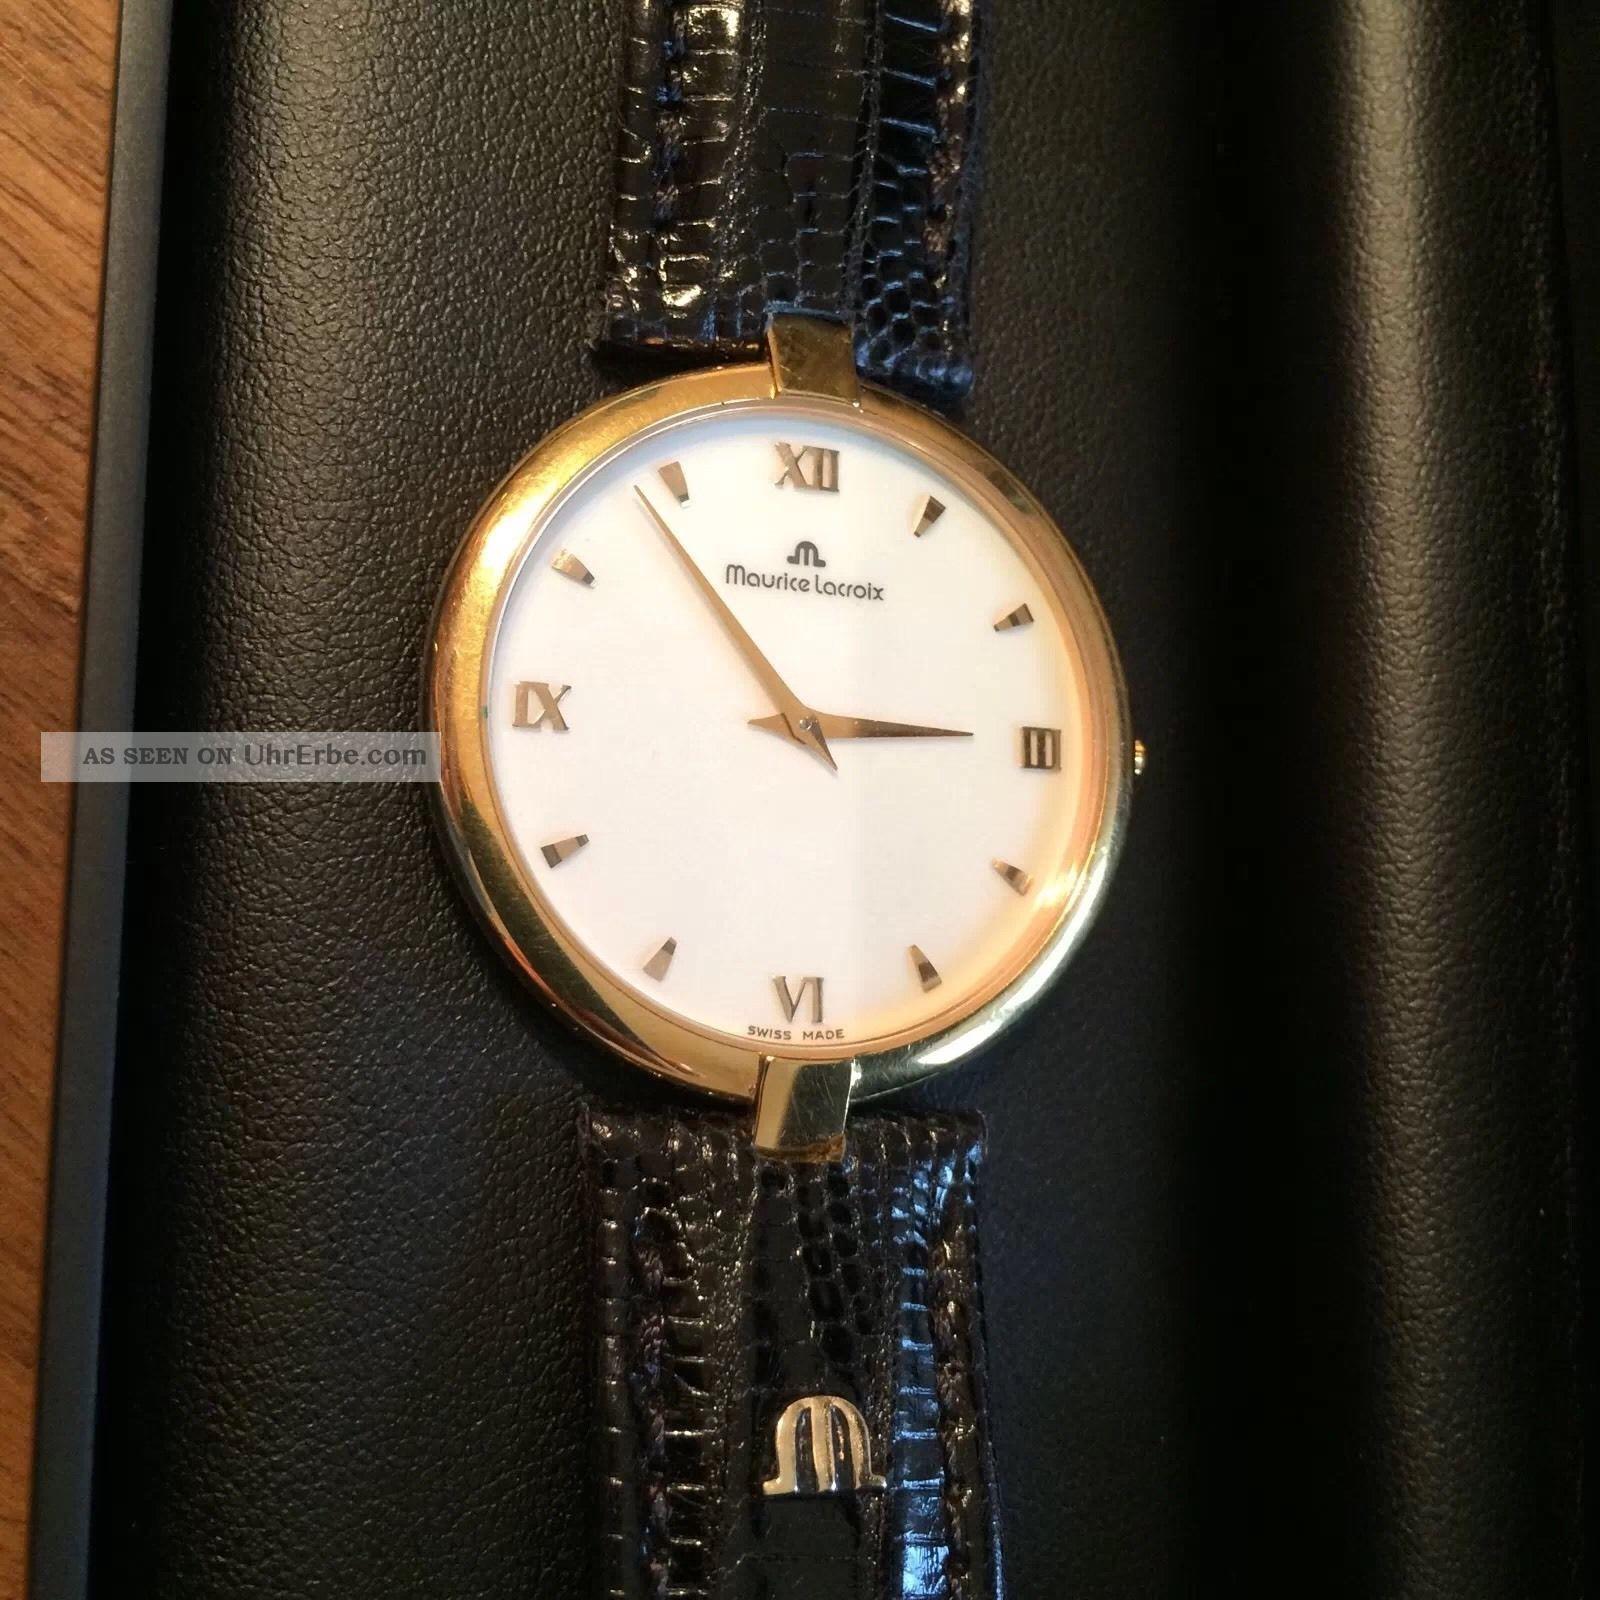 Maurice Lacroix 32384 Herren - Uhr Armbanduhren Bild